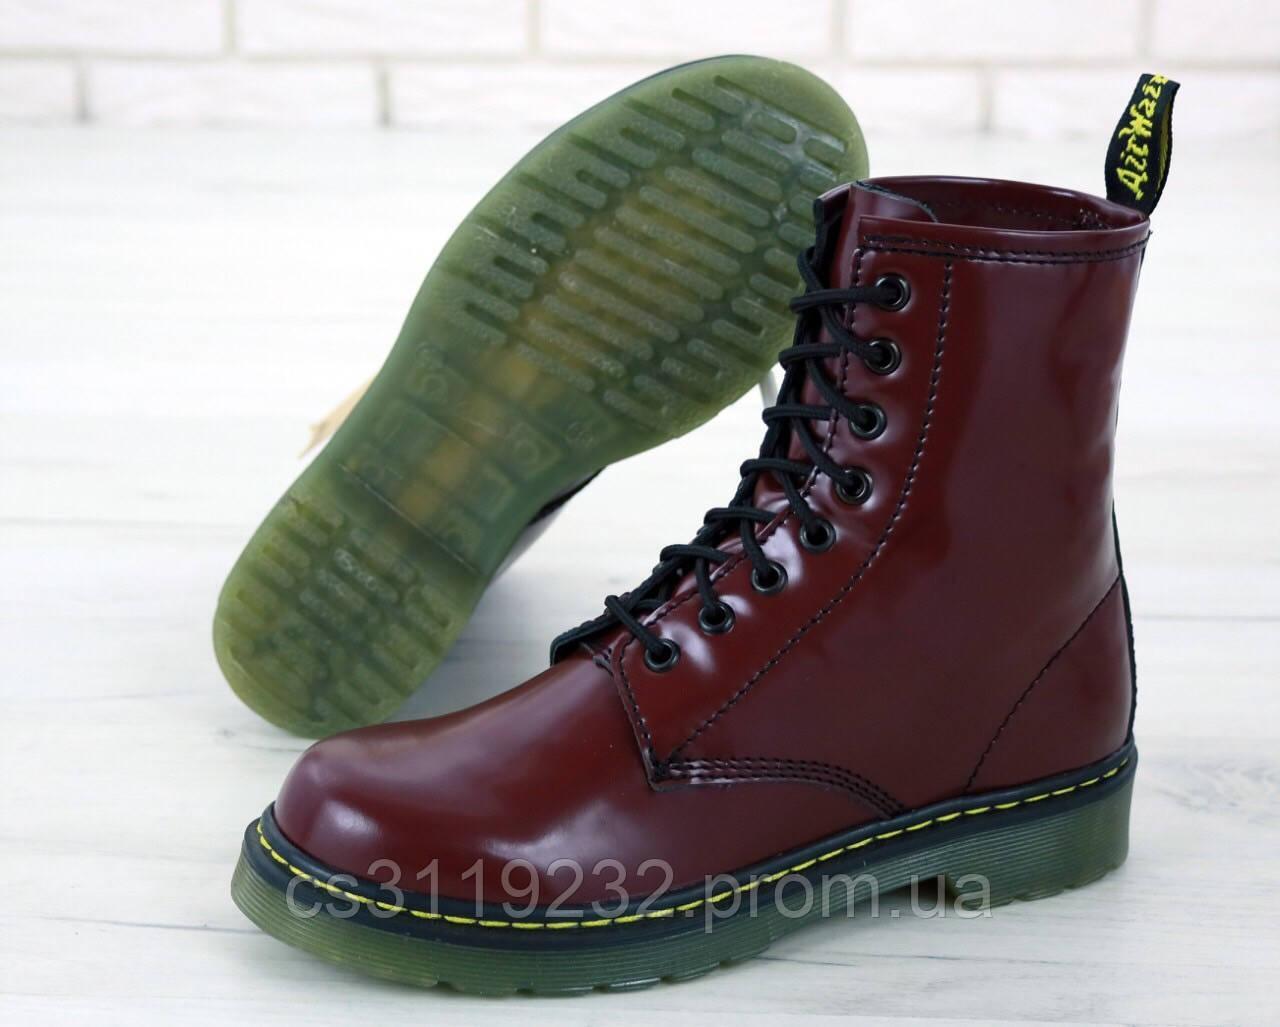 Женские ботинки Dr Martens 1460 демисезонные (вишнёвый)